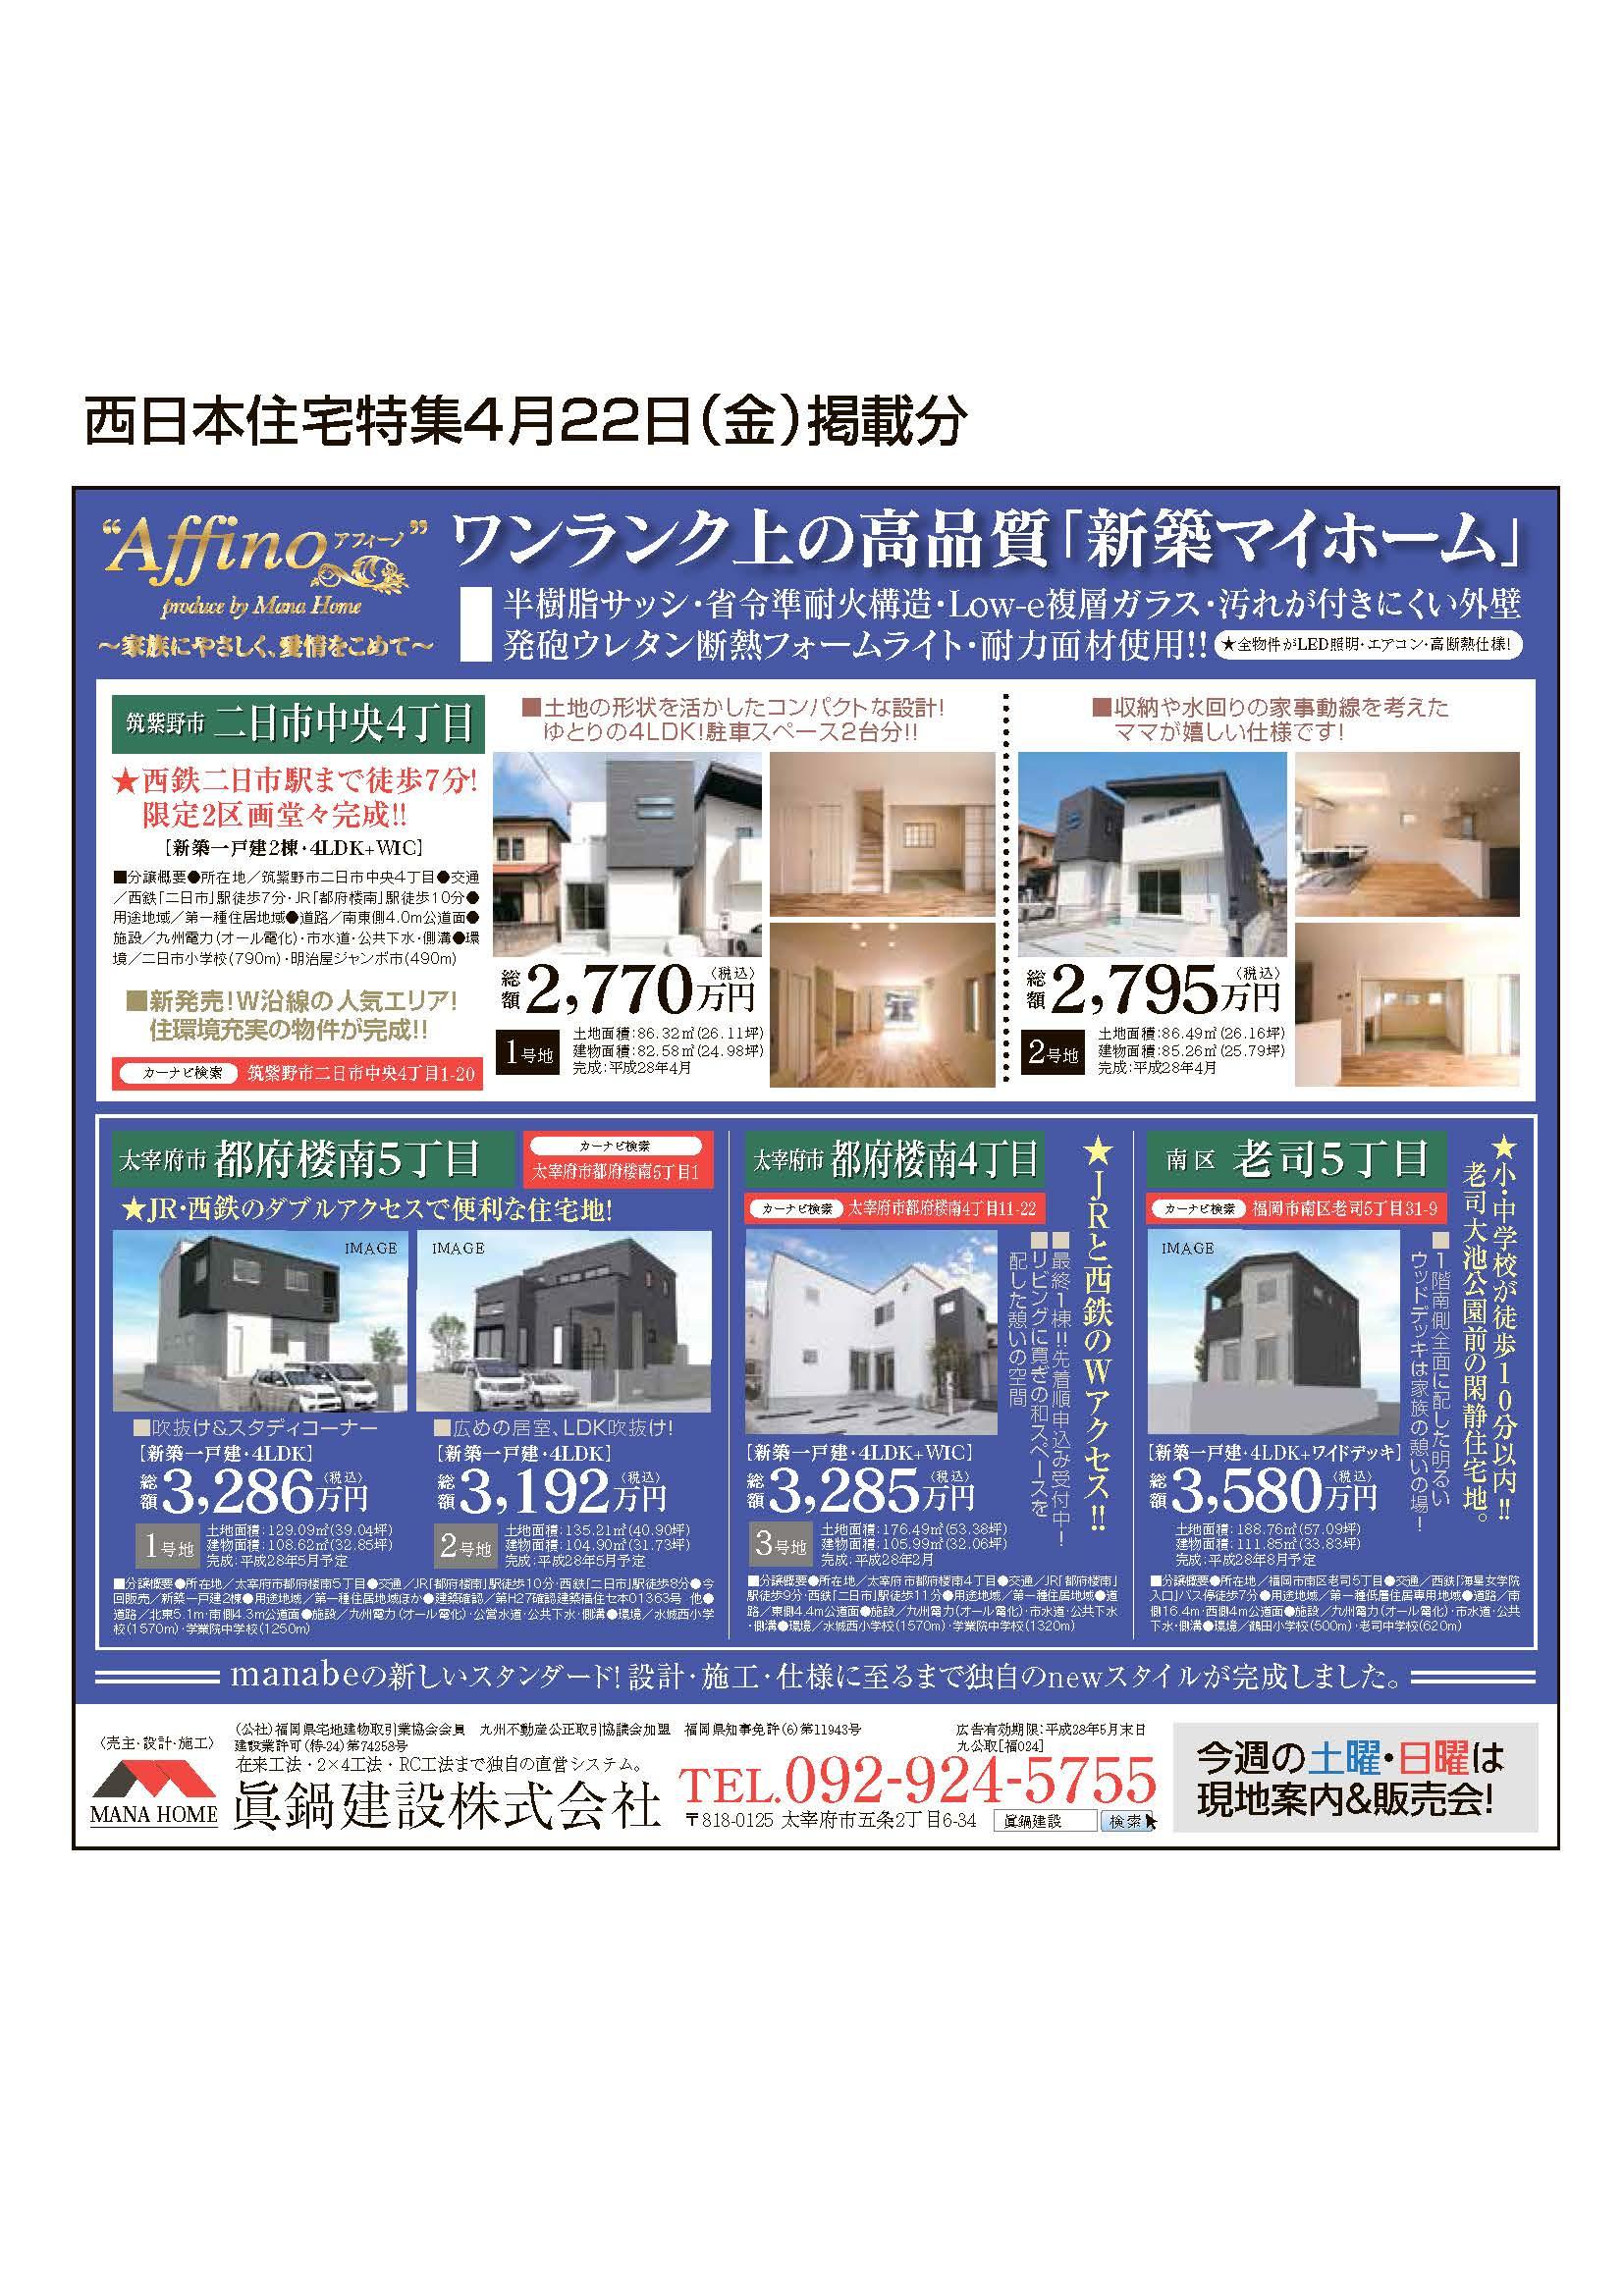 28.4.22西日本新聞